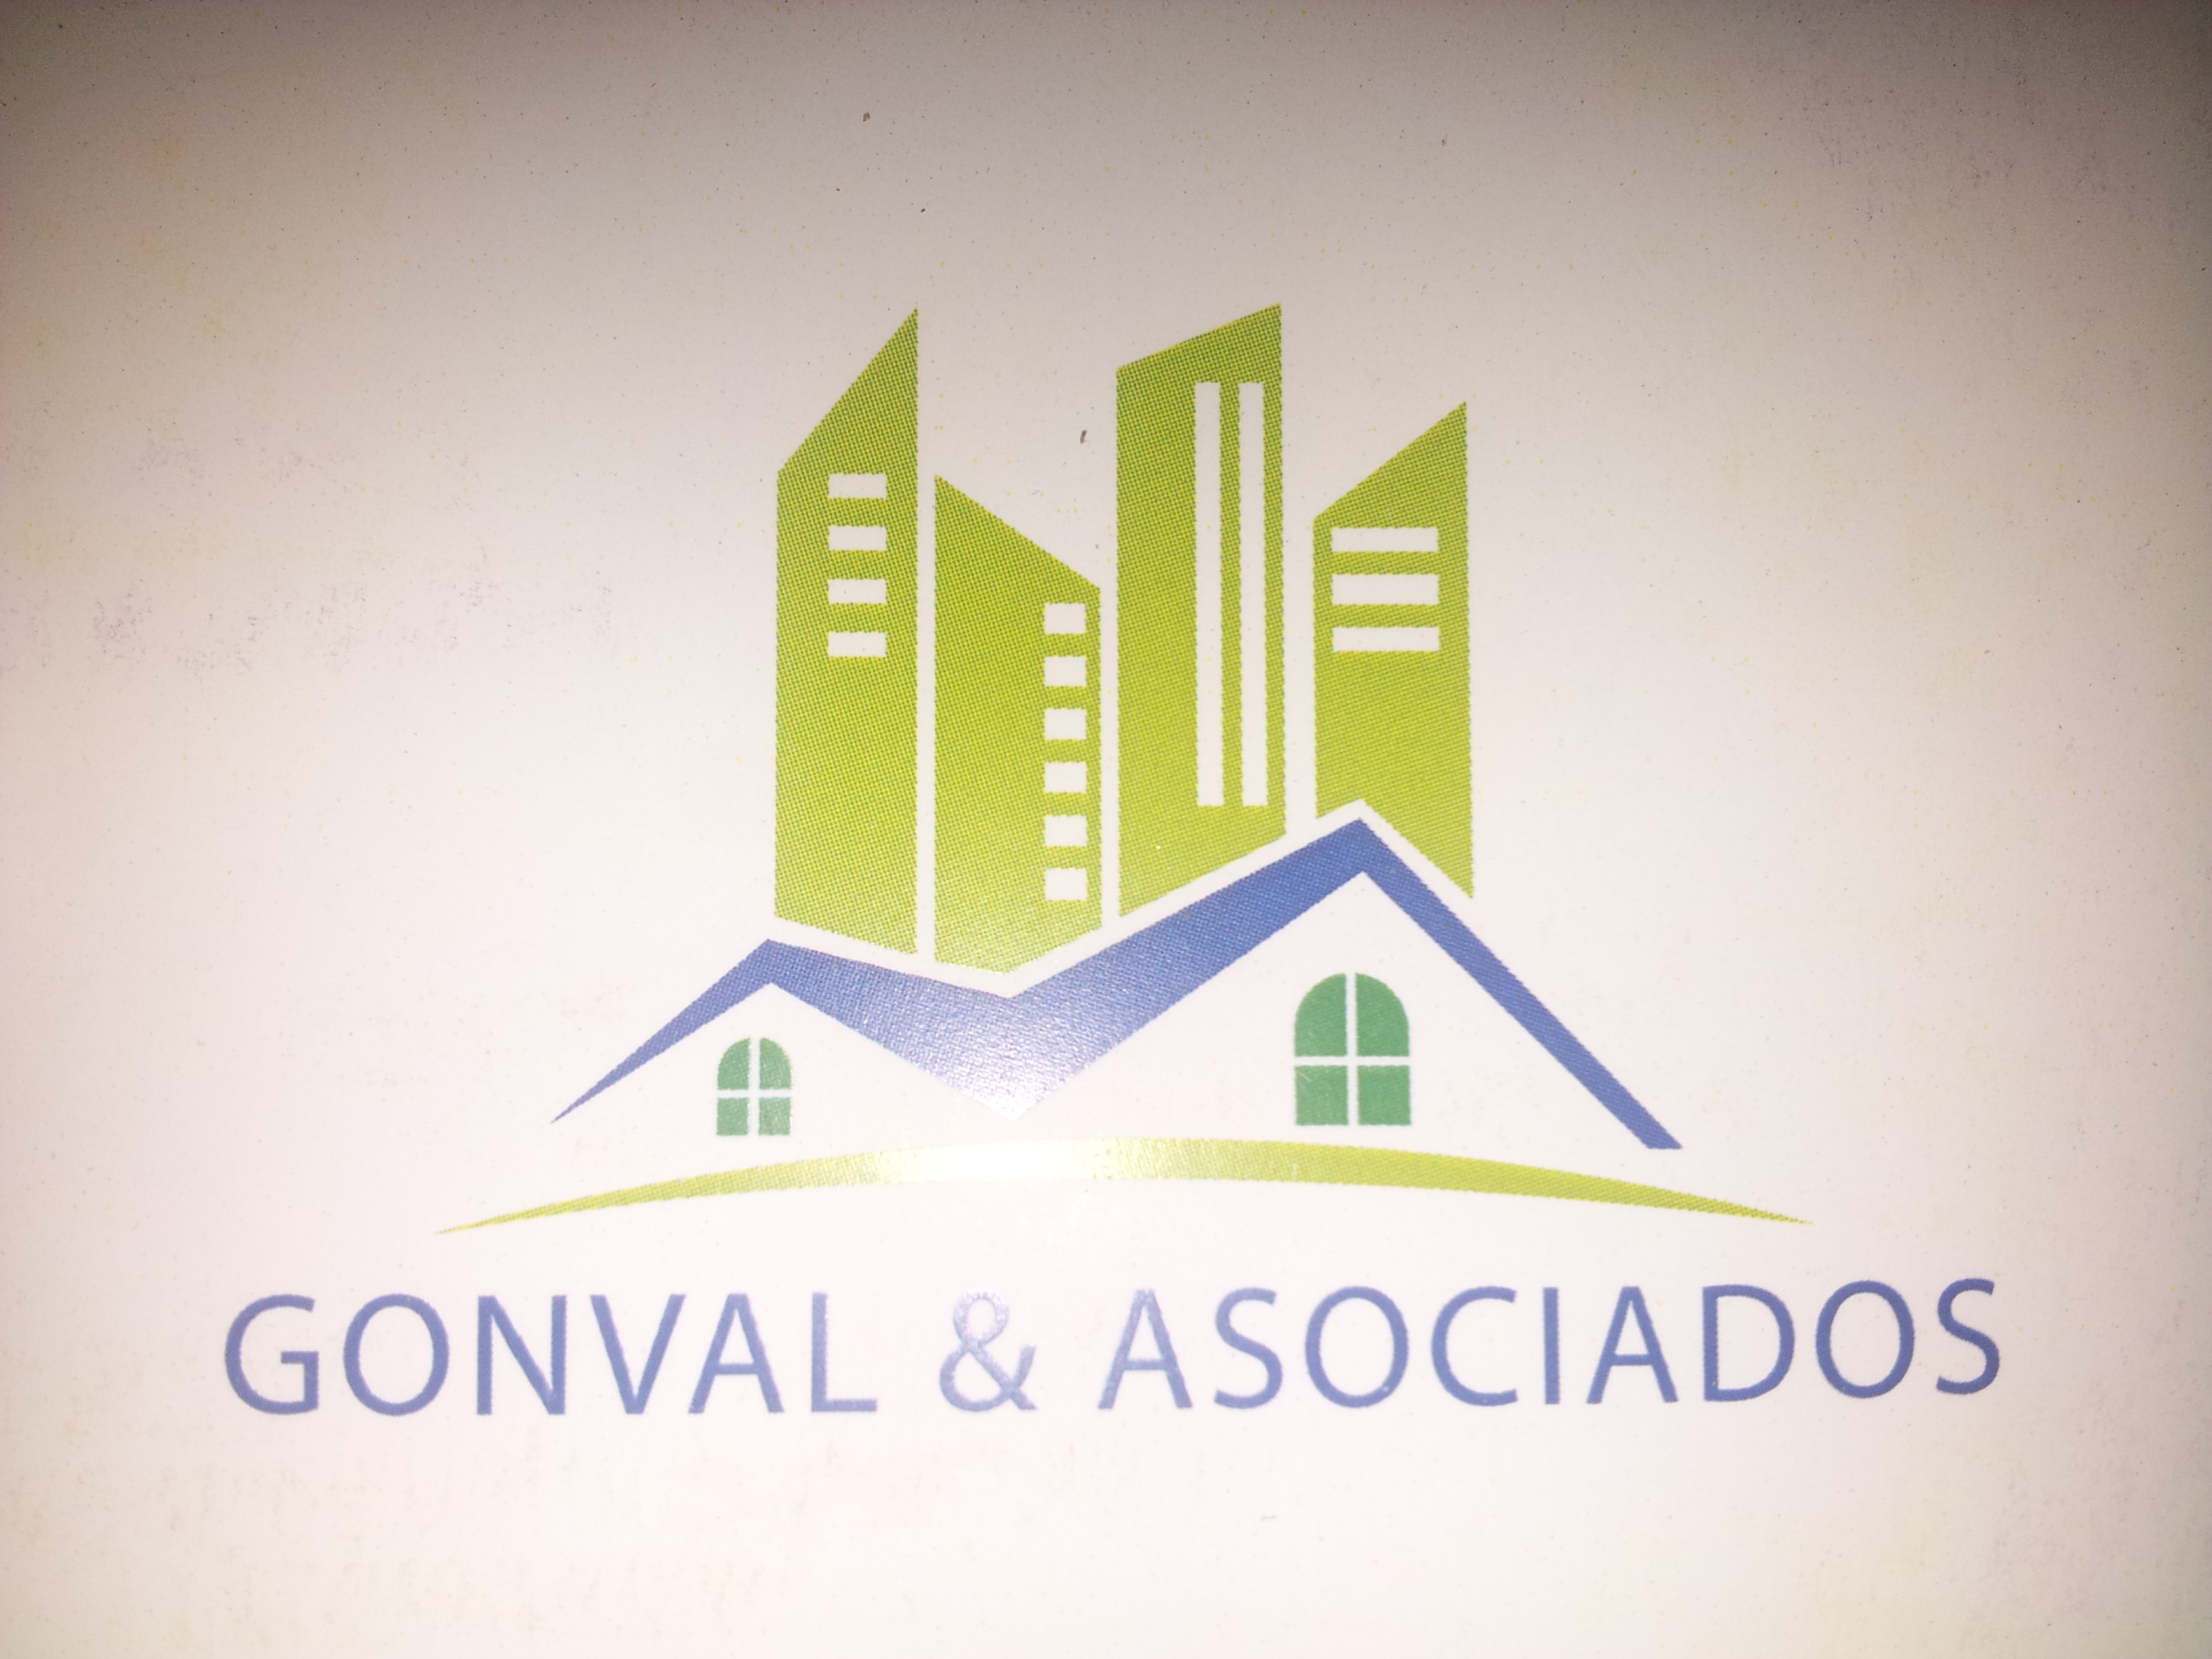 Gonval Y Asociados Spa